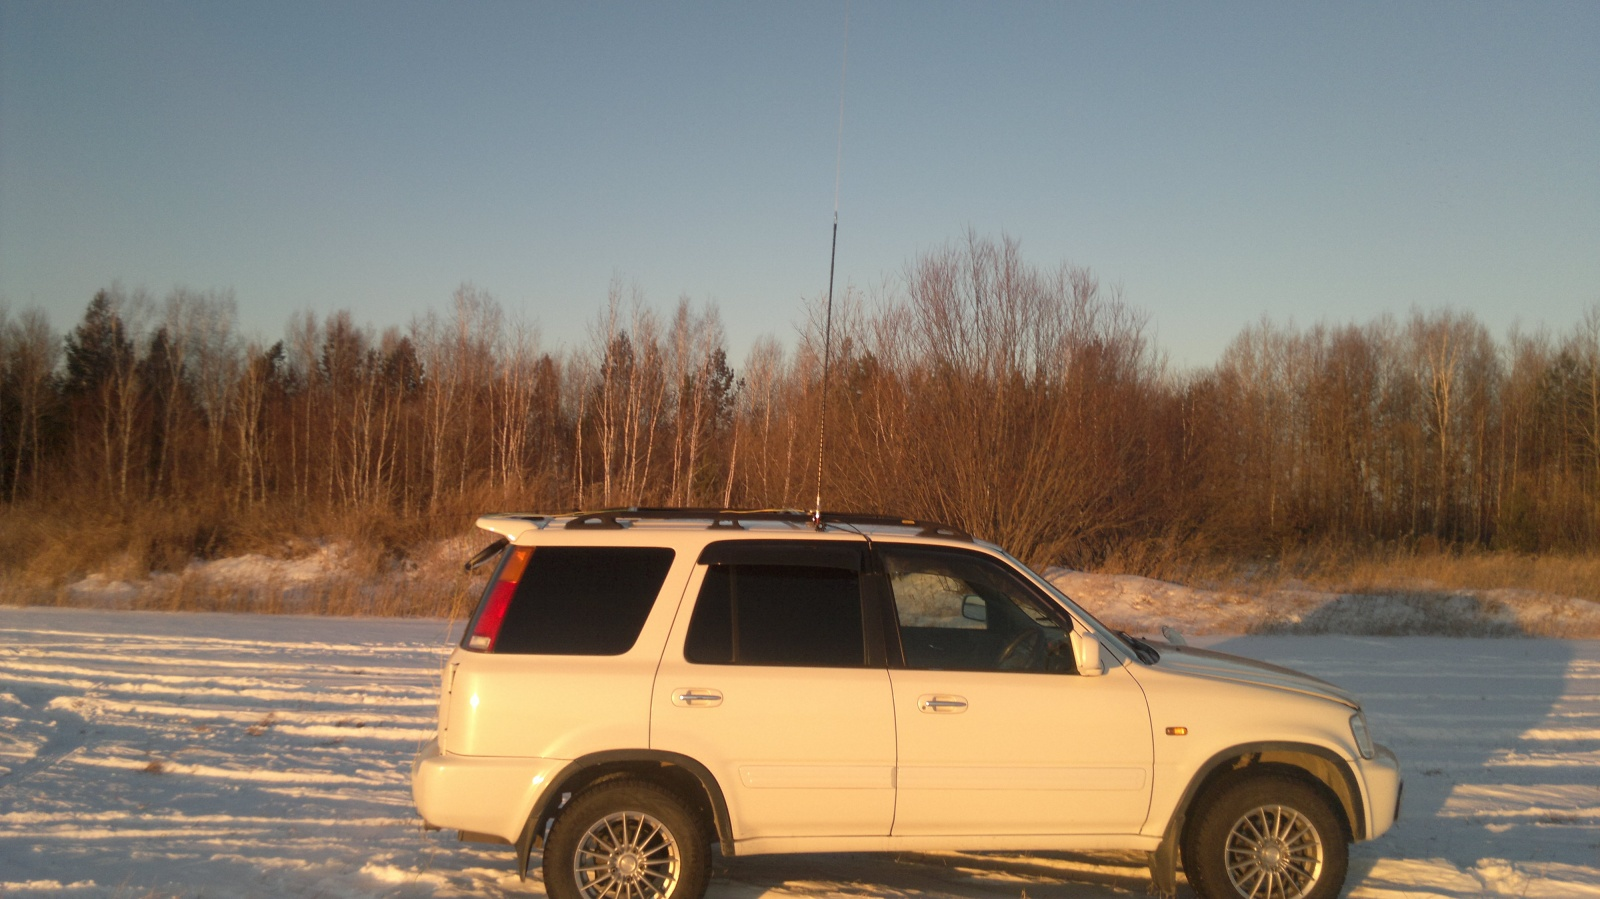 Аппаратное обеспечение полевого радиолюбителя - 9